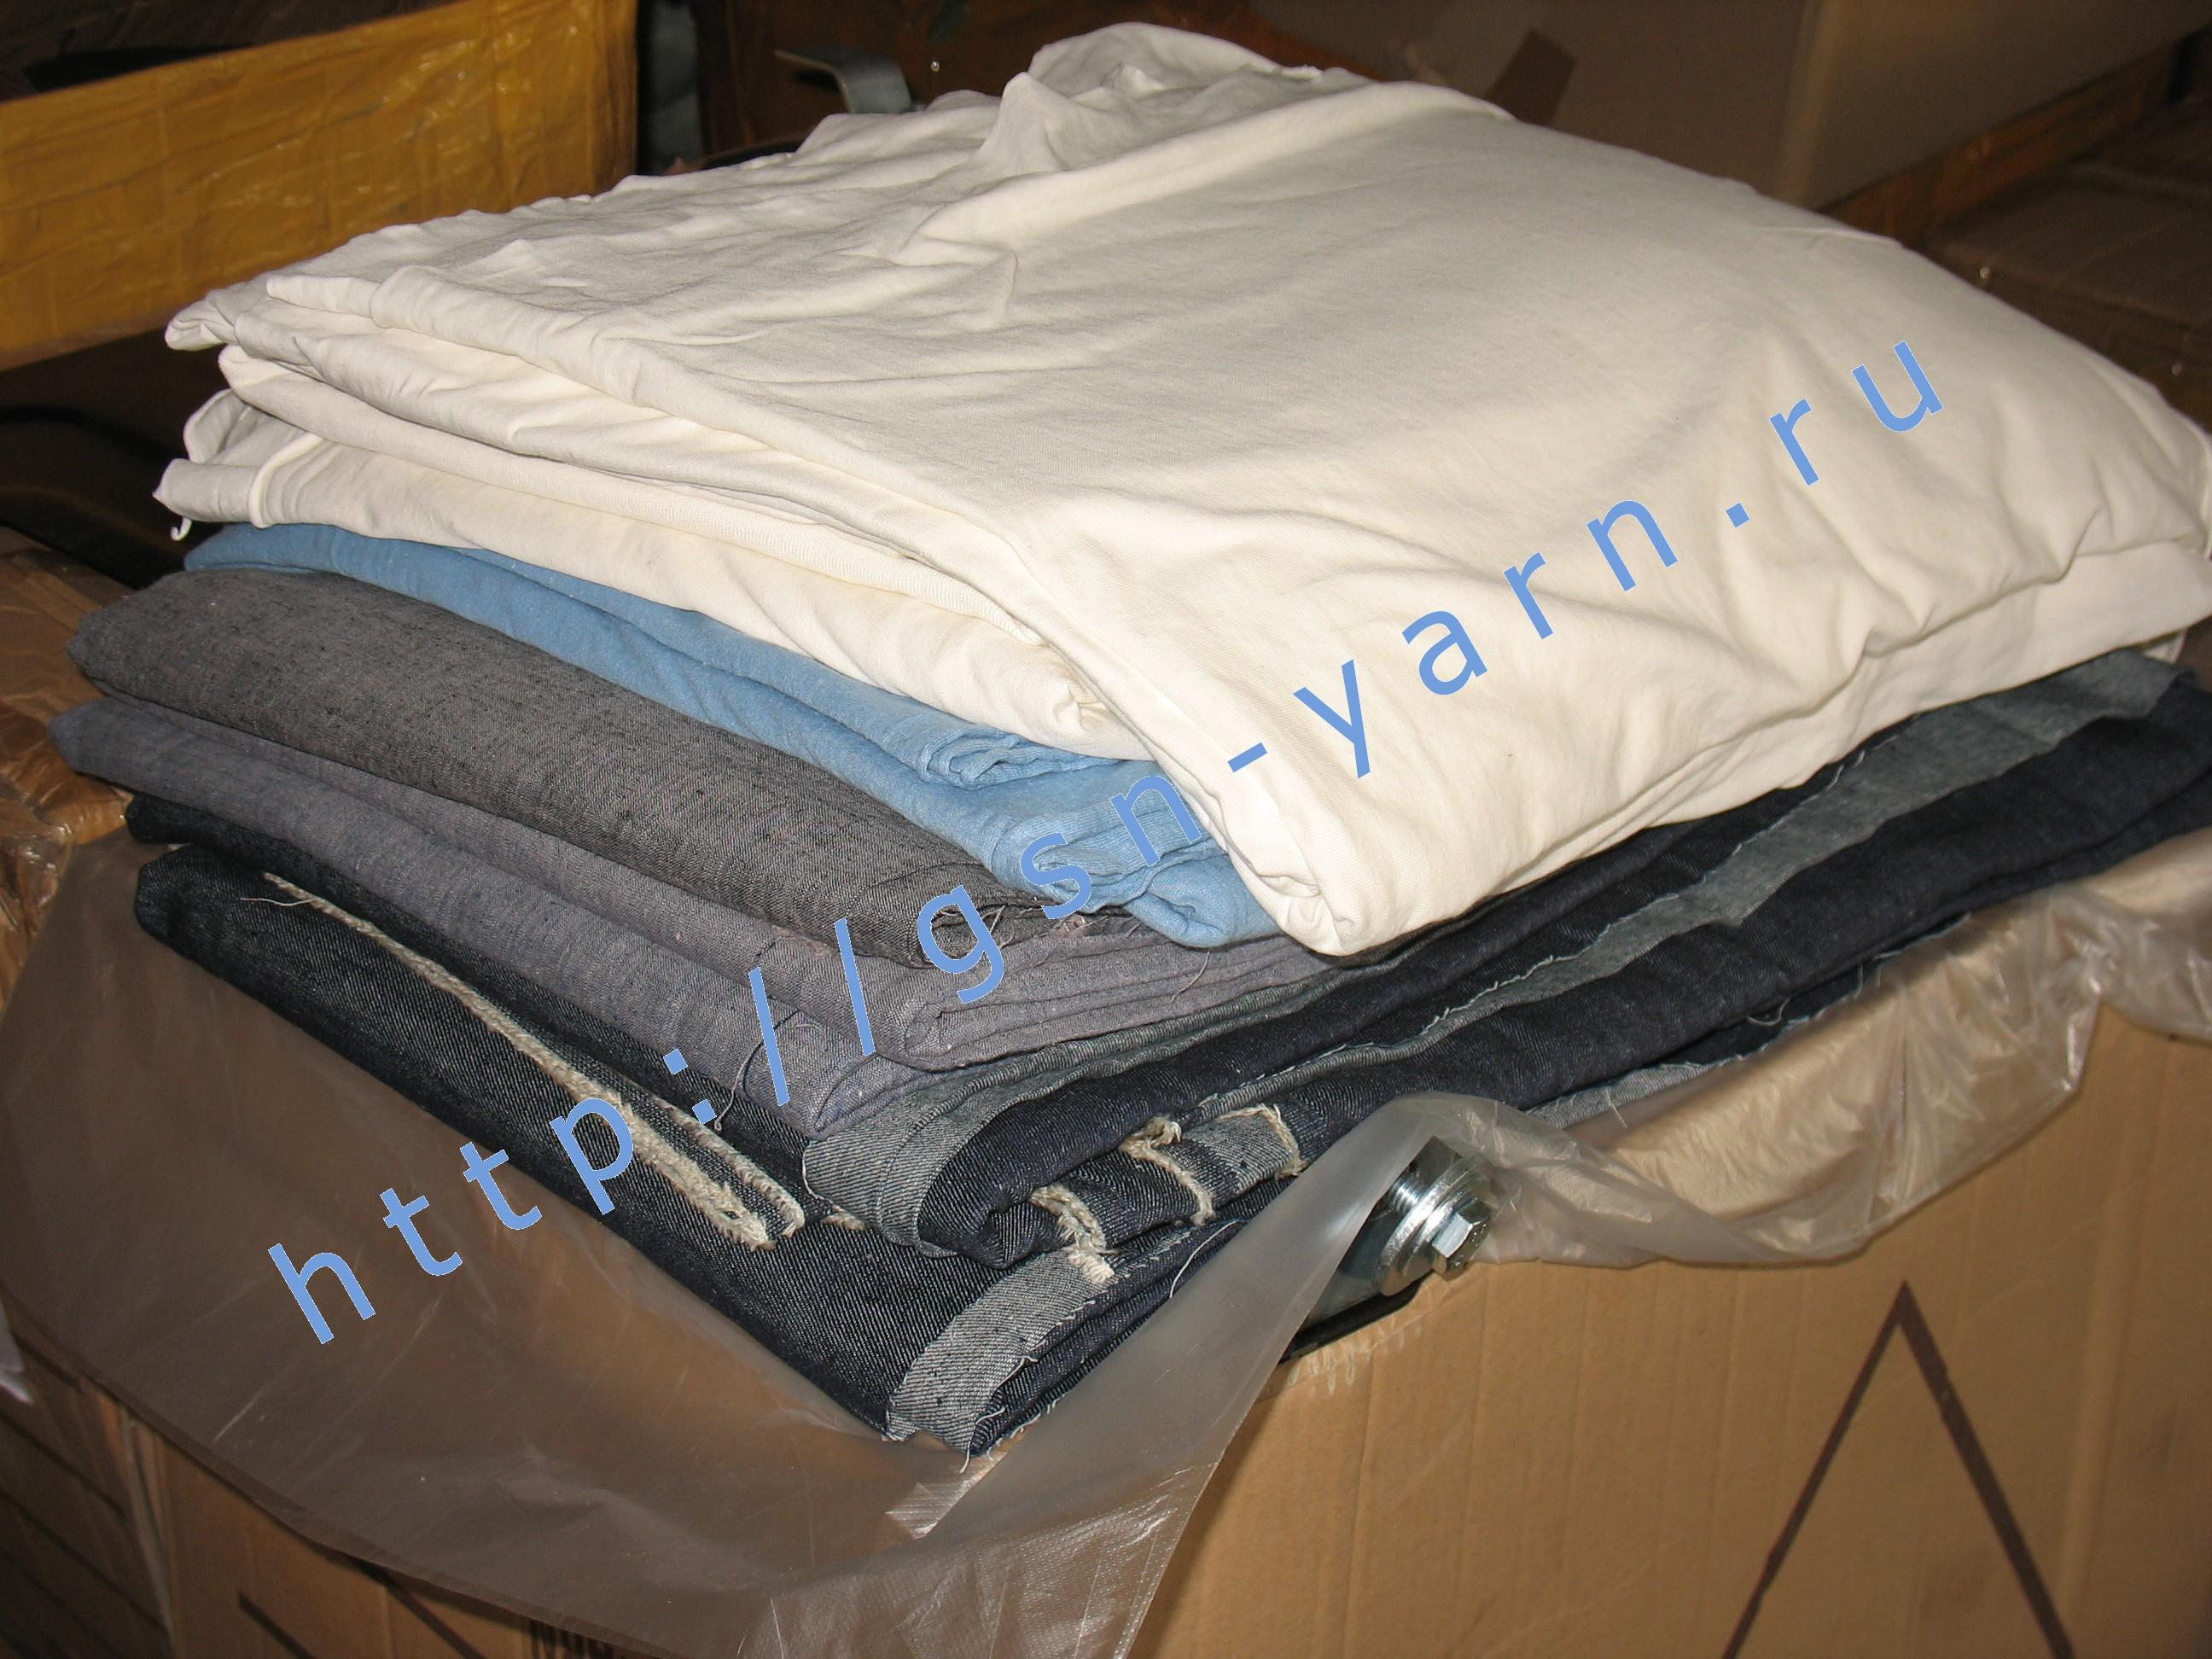 ткань из конопли, конопляная ткань, конопля, конопляные ткани, трикотаж из конопли, конопляный трикотаж, трикотажное полотно